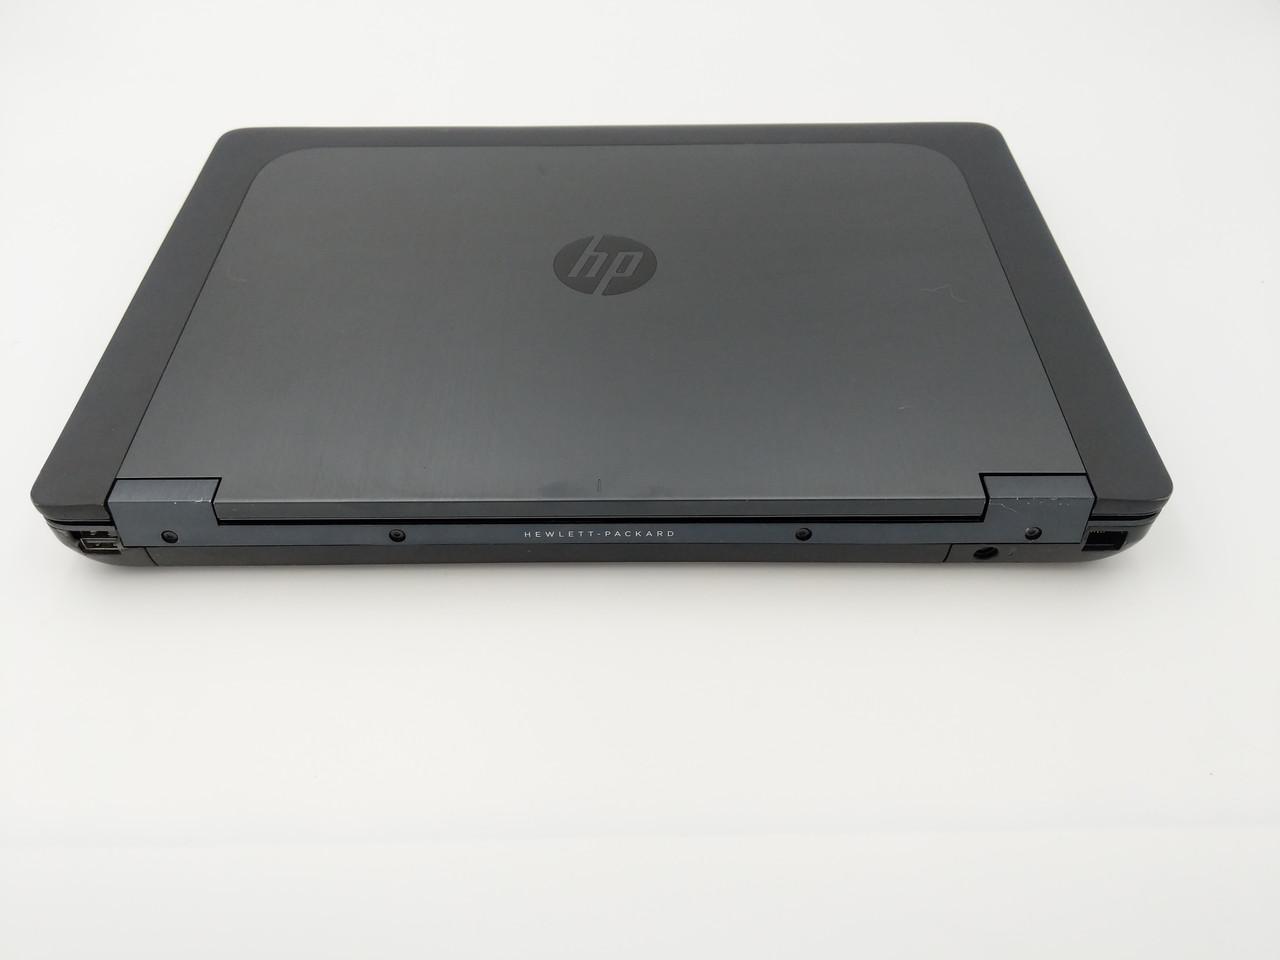 Б/У HP ZBOOK 15 G2 FHD IPS 15.6 I7-4800MQ/ 16 GB /SSD 128ГБ + HDD 750 Нет в наличии 6